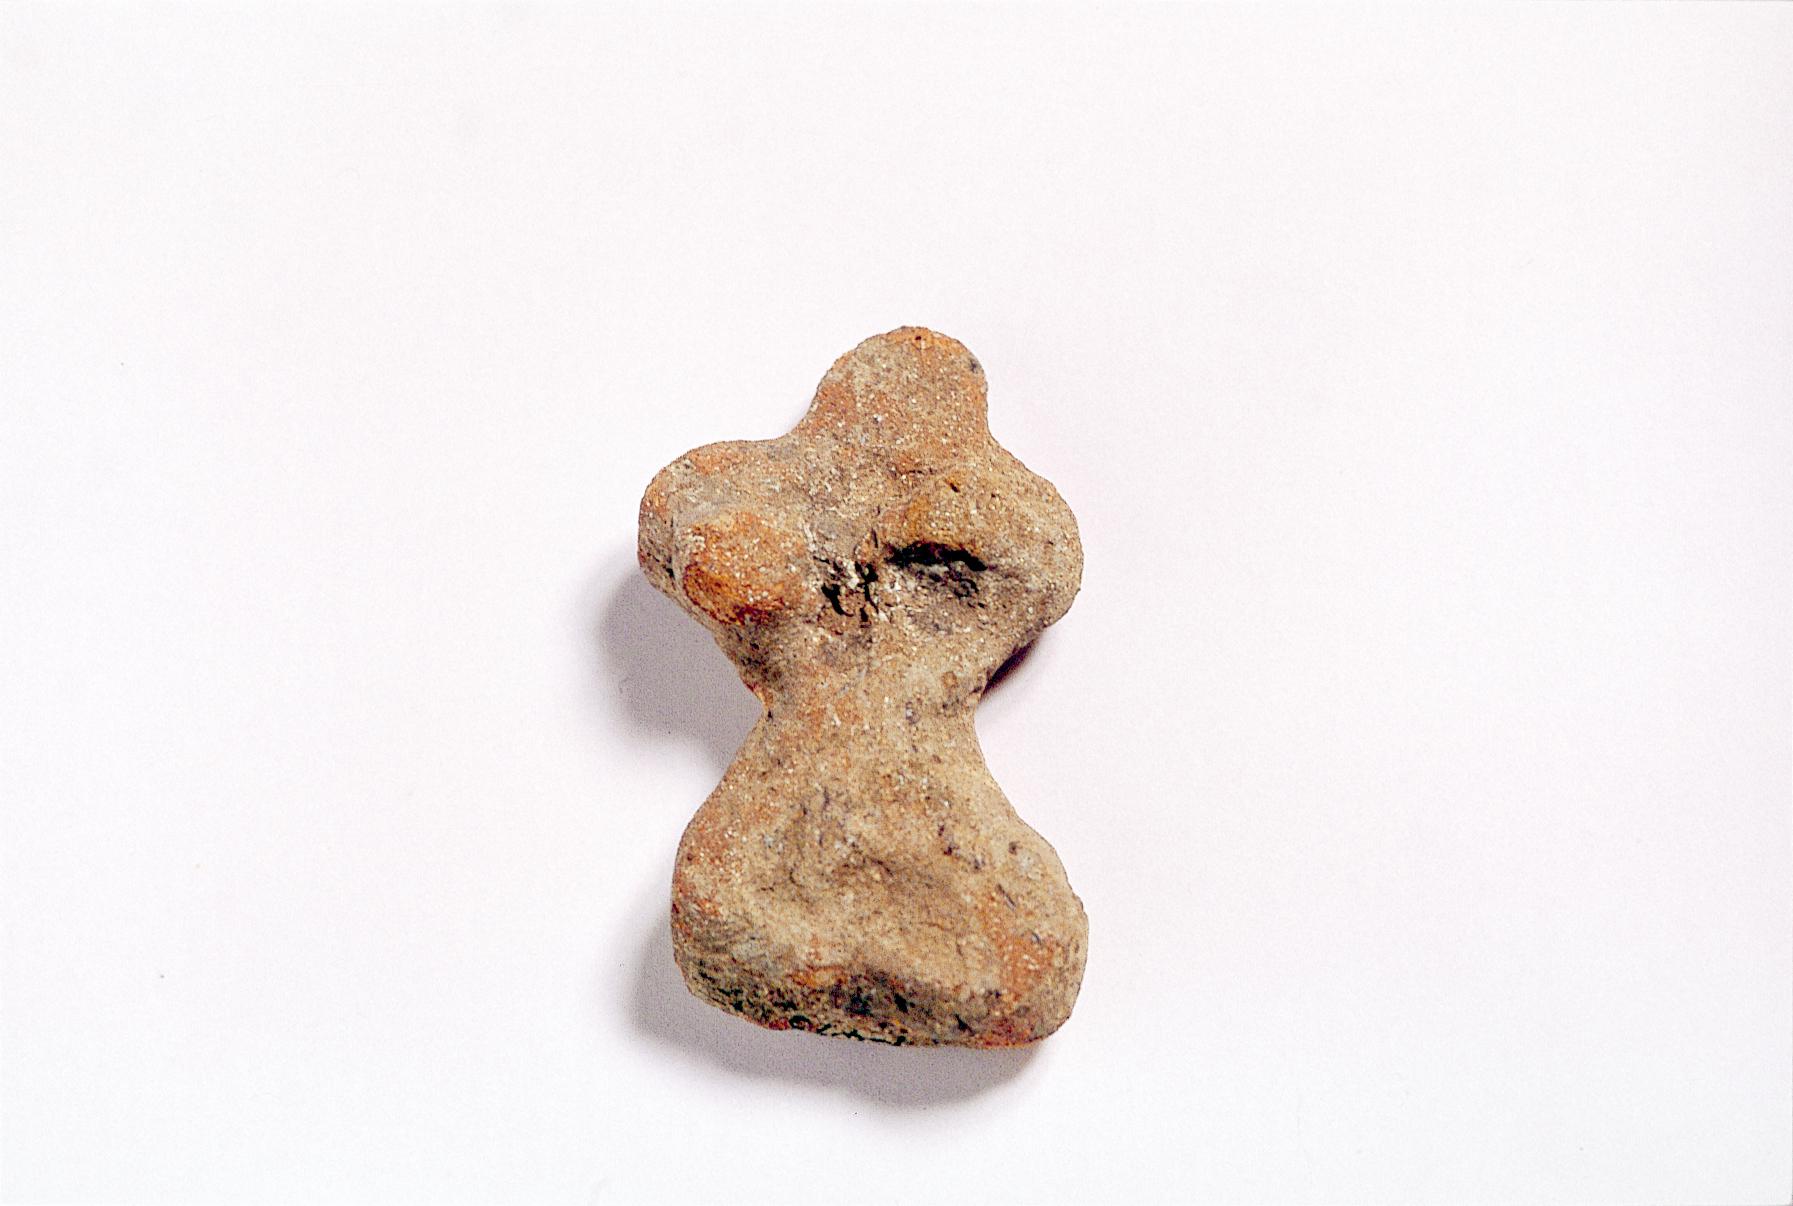 『『花輪台貝塚(カルタ用)』の画像』の画像